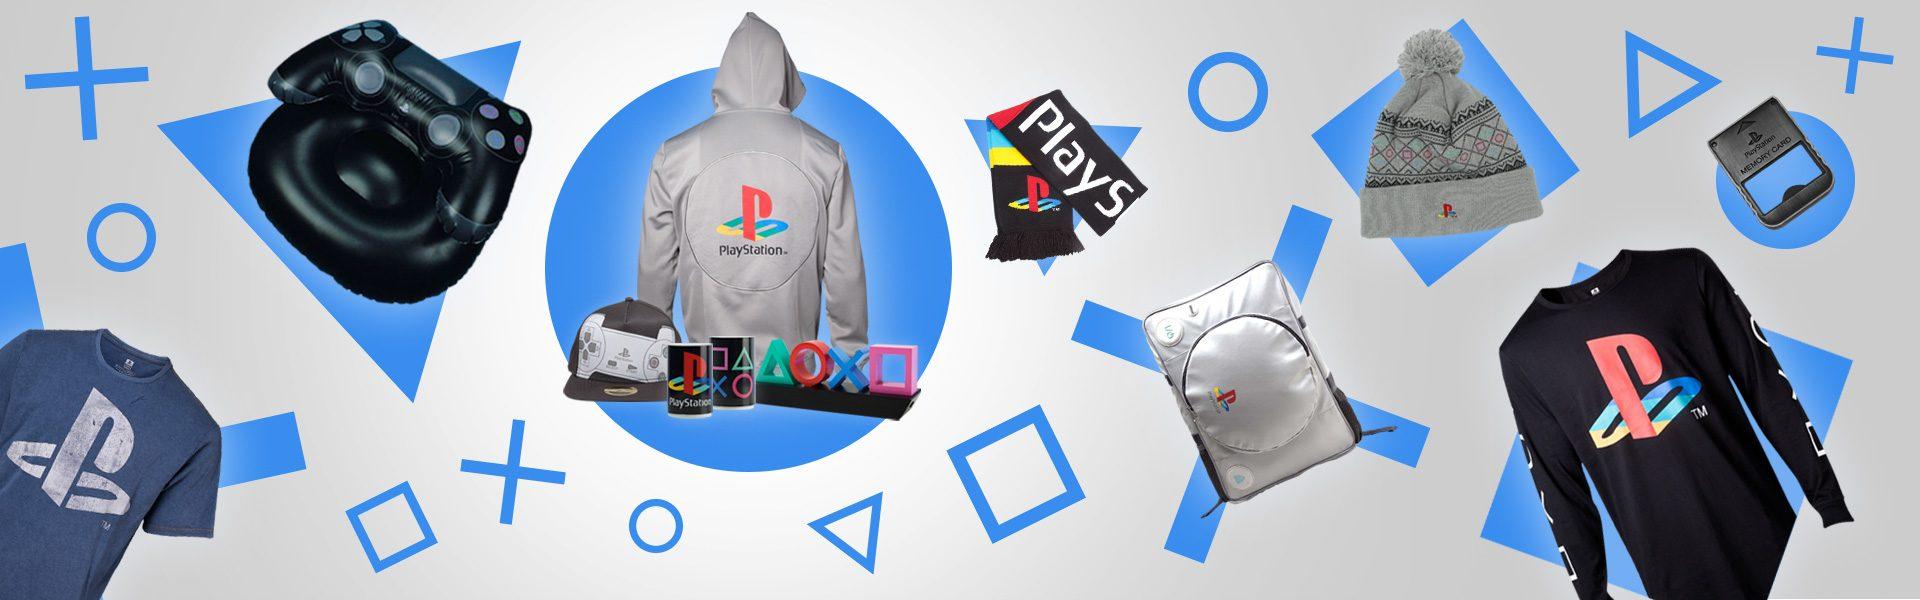 ps merchandise